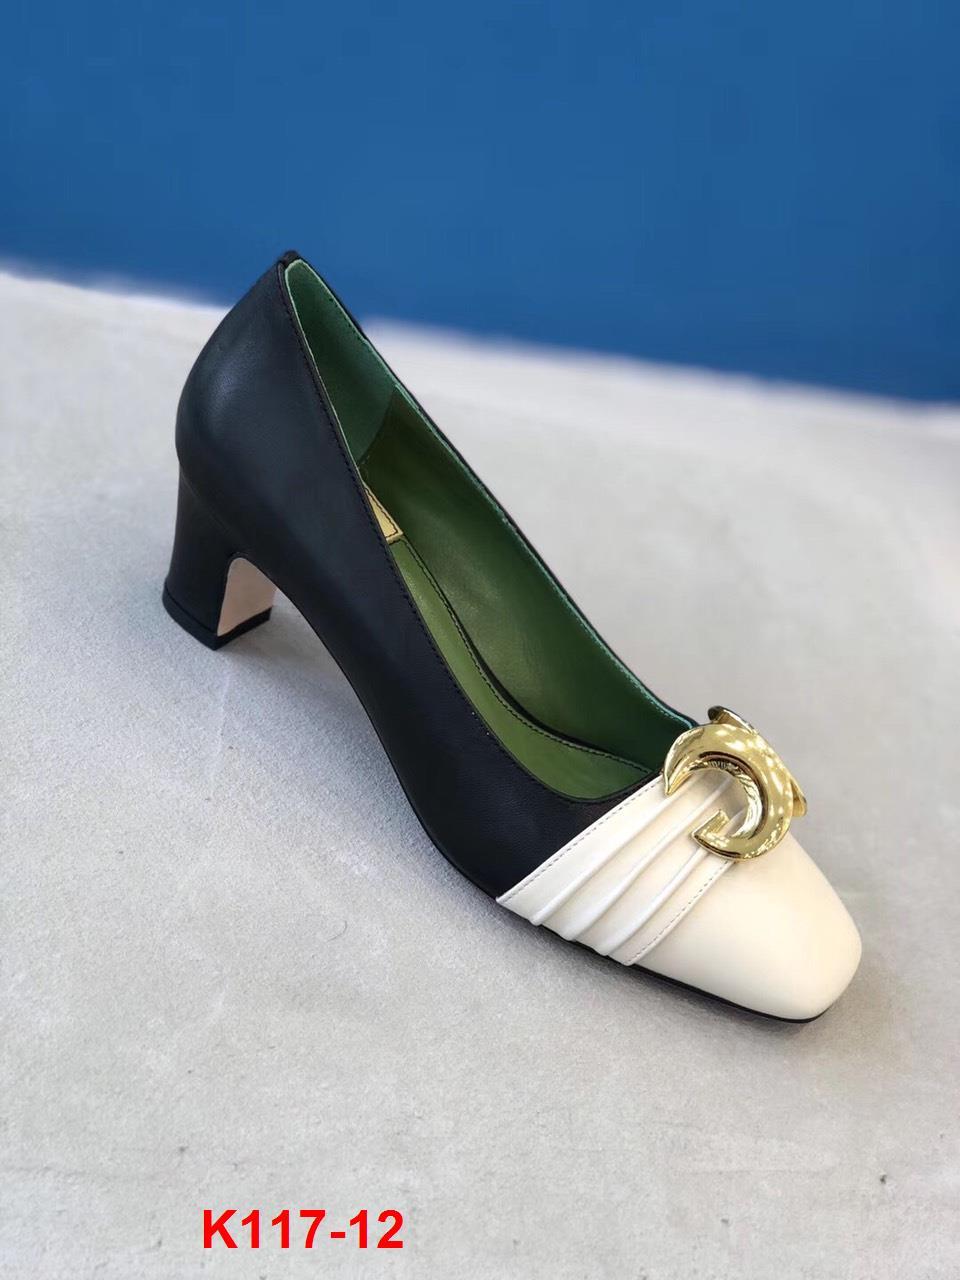 K117-12 Gucci giày cao 6cm siêu cấp